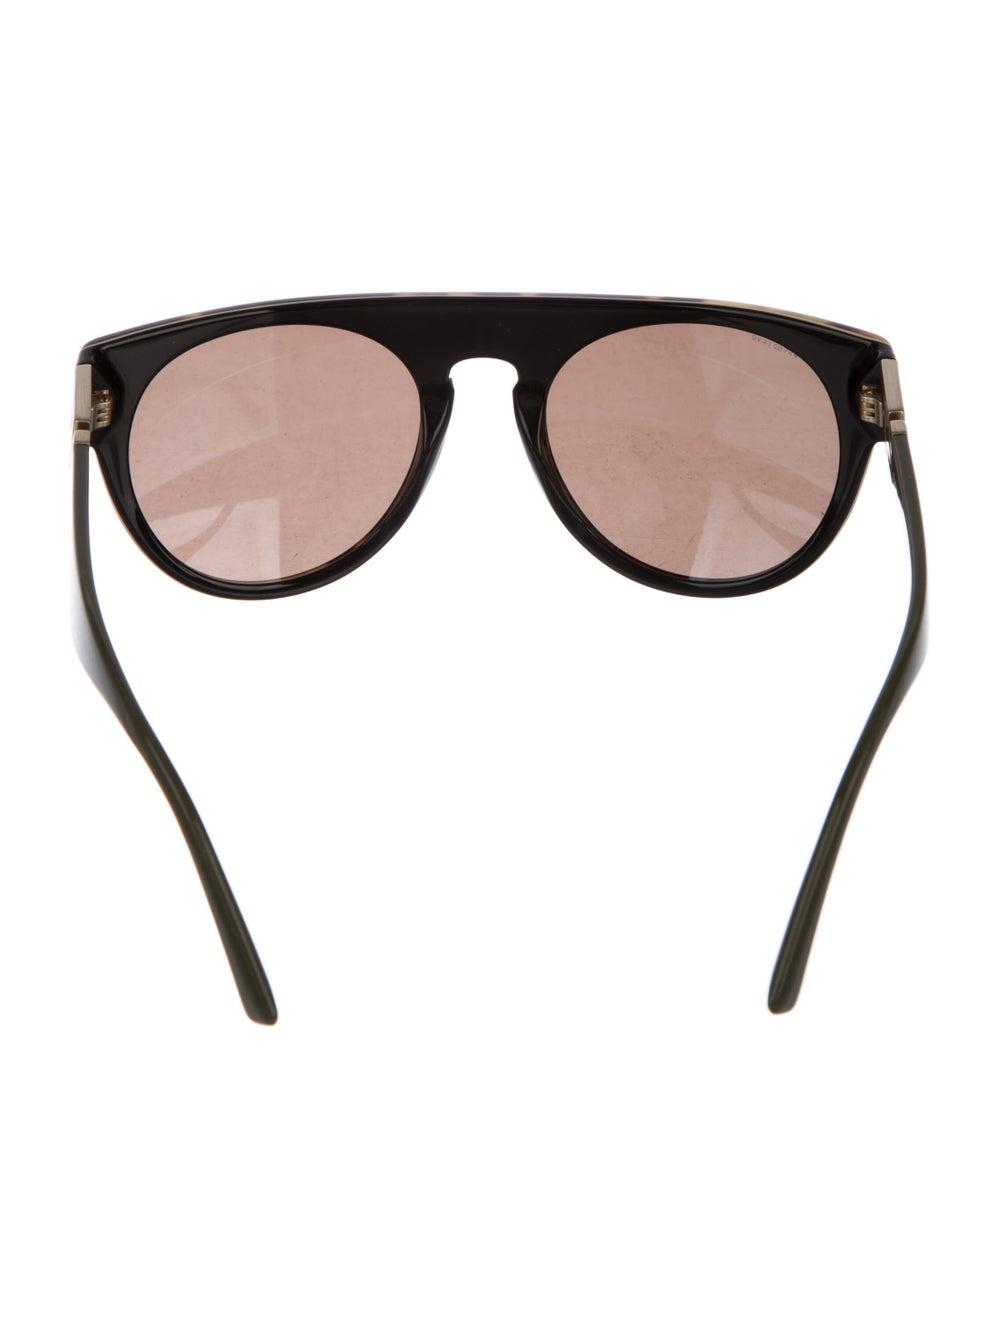 Versace Cat-Eye Mirrored Sunglasses Brown - image 3